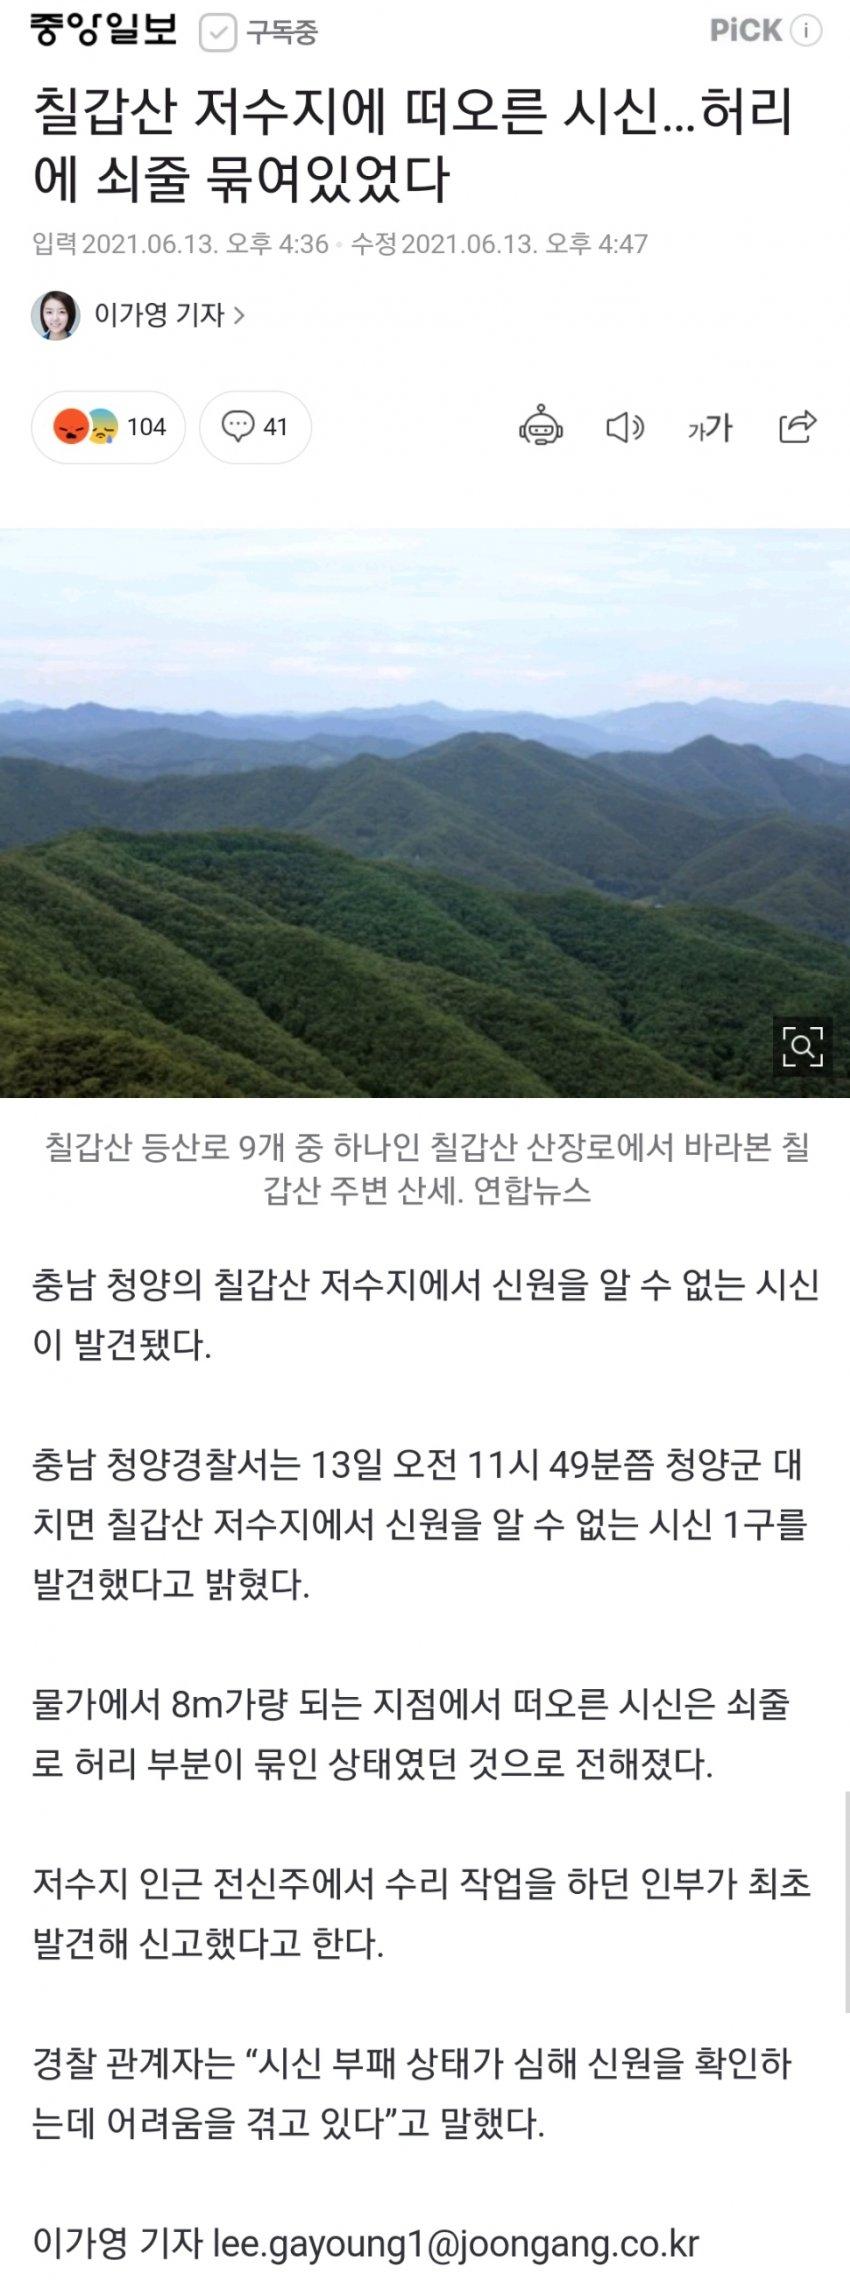 viewimage.php?id=2fbcc323e7d334aa51b1d3a24781&no=24b0d769e1d32ca73fec8efa11d02831835273132ddd61d36cf614d09c49d54d46b927b4ac8bb9a9519c490370375fee025da18f1c165e39026f205f1960bf04d5039d903df32e657ef51afc07e76b15589f607bec4487d9a114bab95d1229200bb20b49088cbd82f4ced9